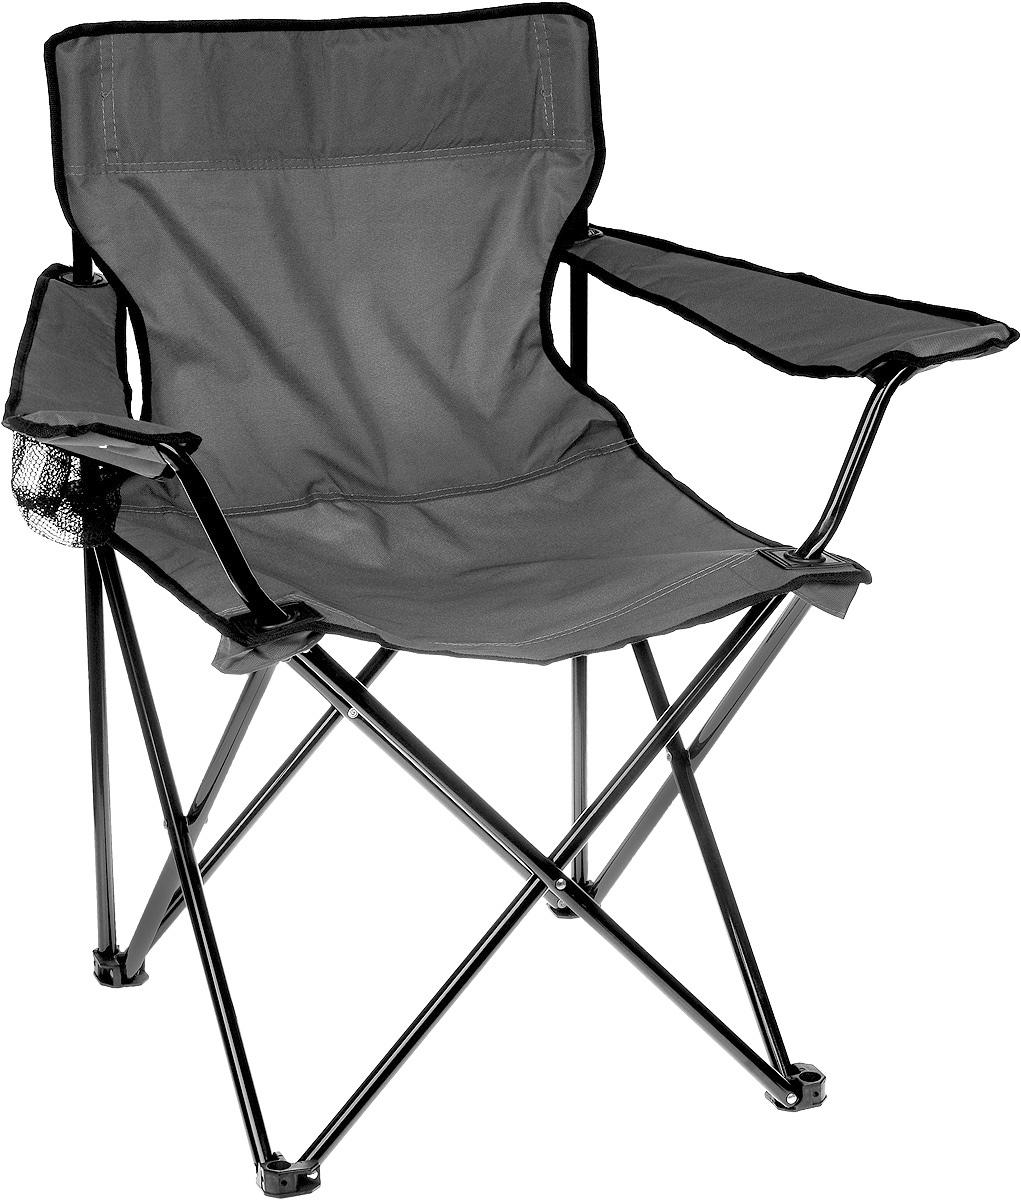 Кресло складное Wildman, с подлокотником, цвет: серый, черный, 77 х 50 х 80 см81-604На складном кресле Wildman можно удобно расположиться в тени деревьев, отдохнуть в приятной прохладе летнего вечера. В использовании такое кресло достойно самых лучших похвал. Кресло выполнено из прочной ткани оксфорд, каркас стальной. Кресло оснащено удобными подлокотниками, в одном из них расположен подстаканник. В сложенном виде кресло удобно для хранения и переноски. В комплекте чехол для переноски и хранения. Максимальная нагрузка: 100 кг.